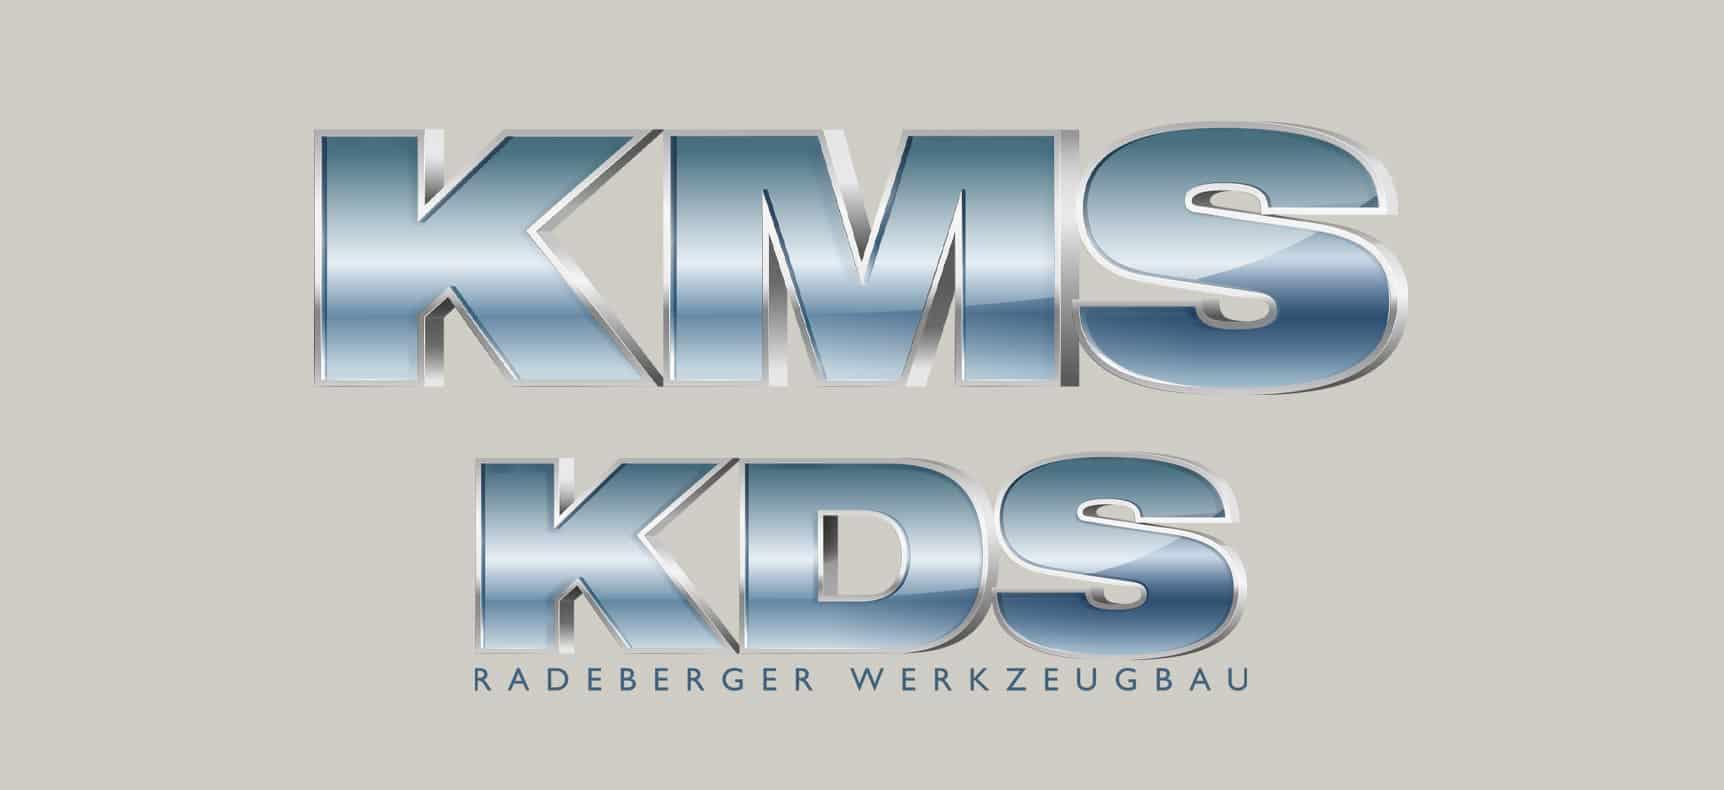 KDS – RADEBERGER FORMEN- UND WERKZEUGBAU | Logo erstellt von StatusZwo.com